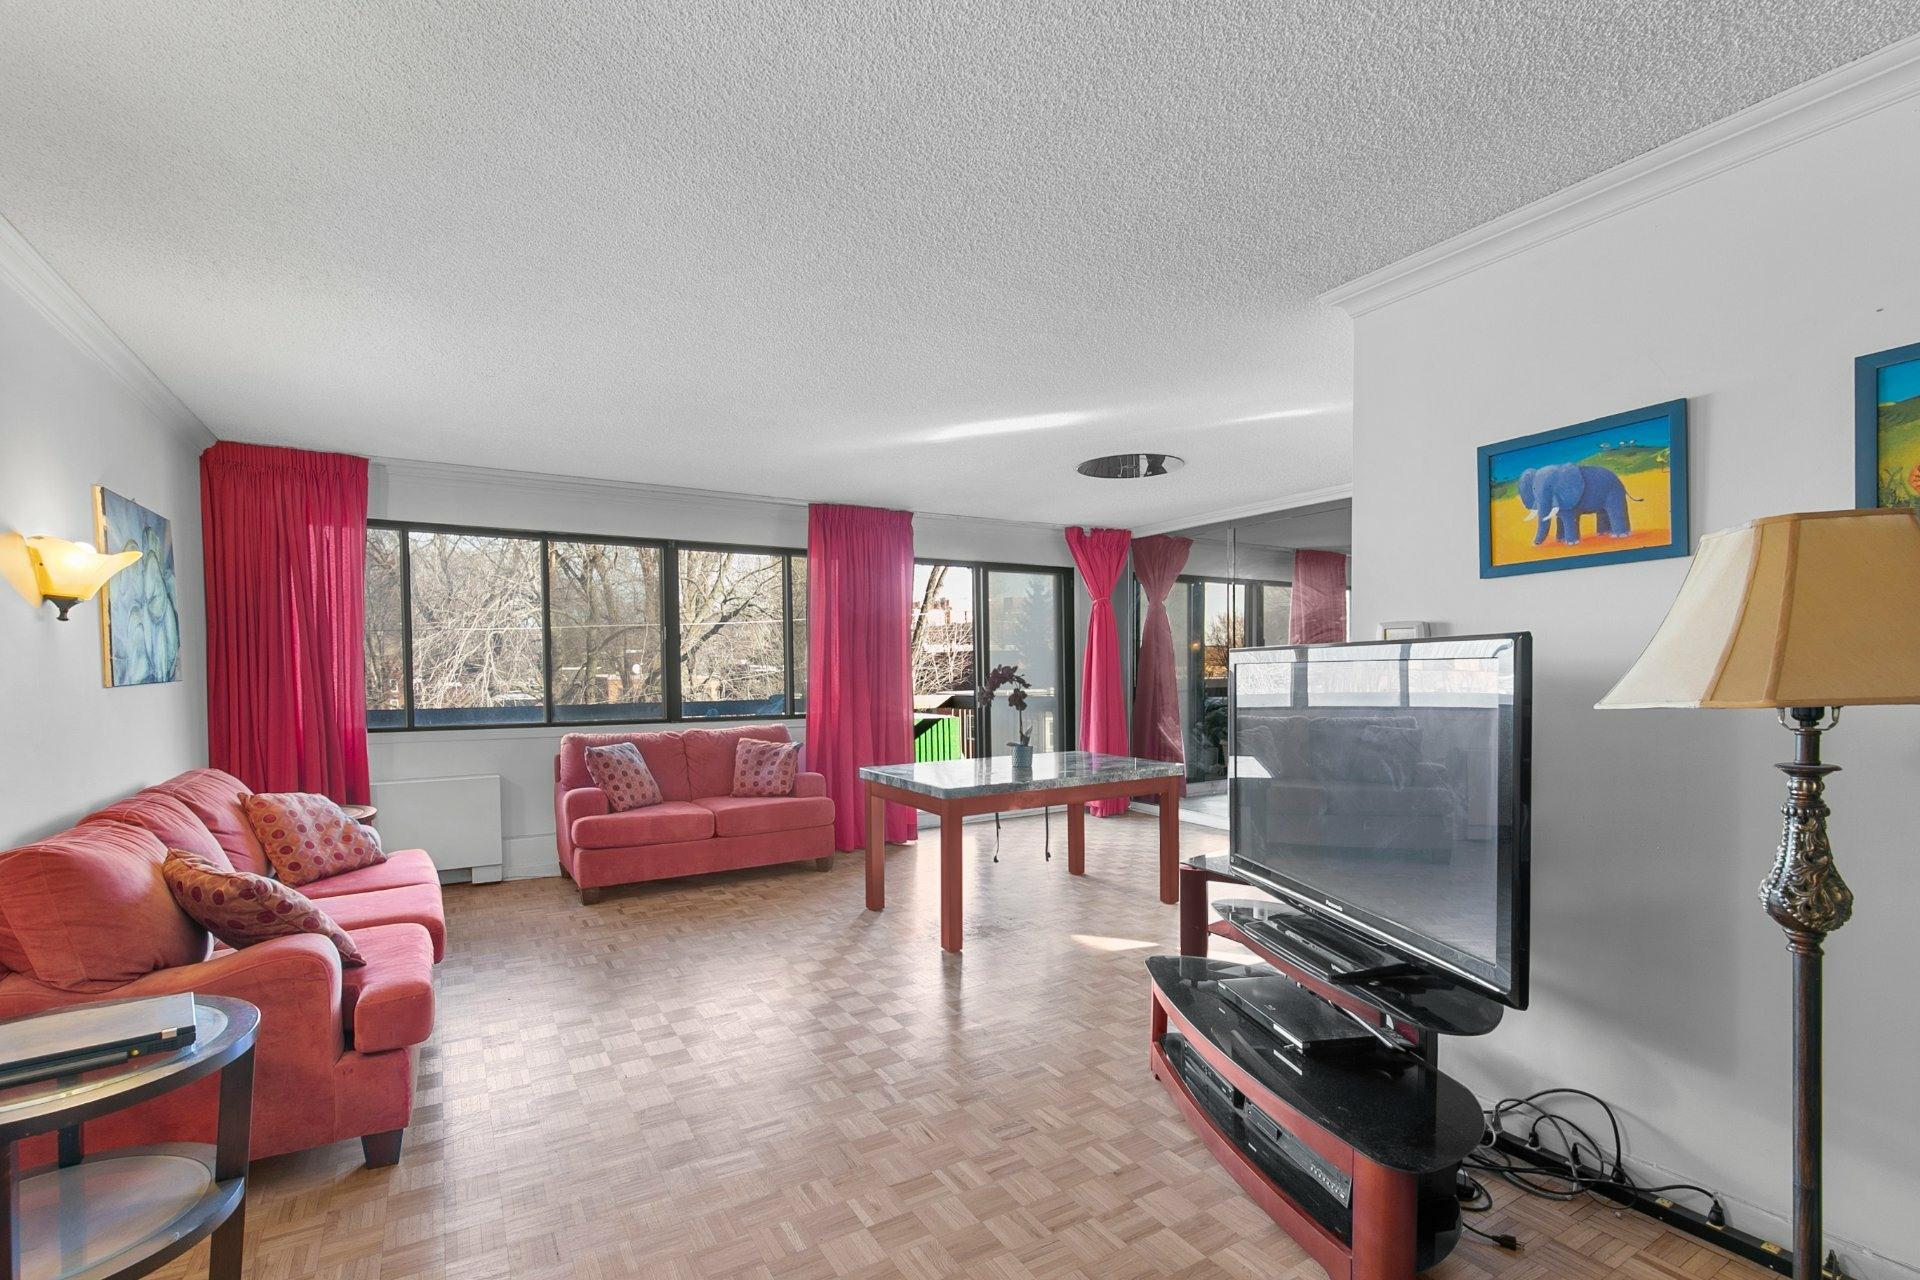 image 5 - Apartment For sale Côte-Saint-Luc - 5 rooms